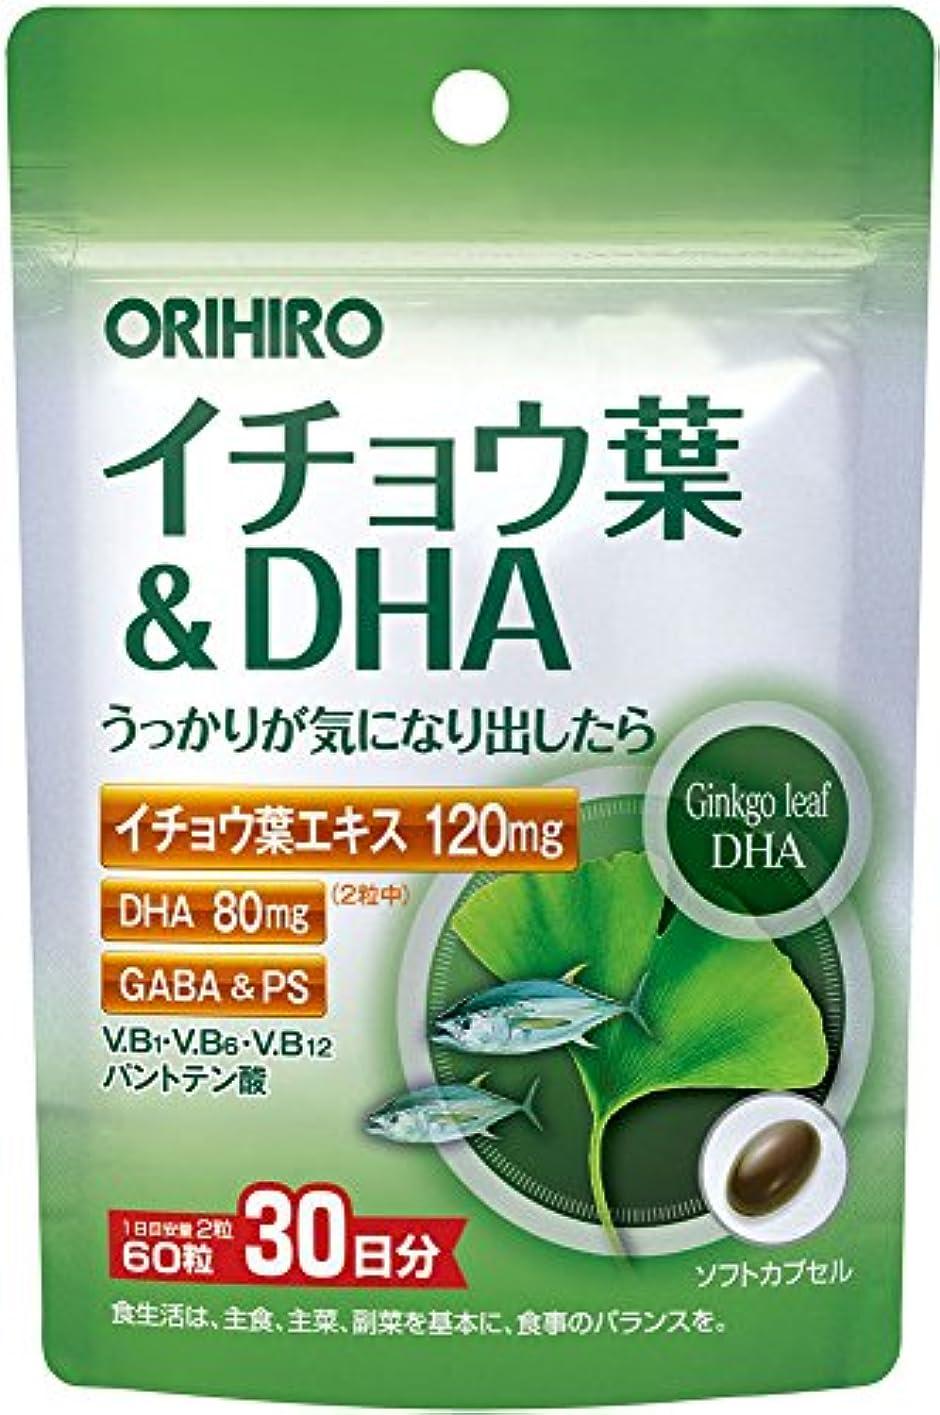 再生的引数容量オリヒロ PD イチョウ葉&DHA